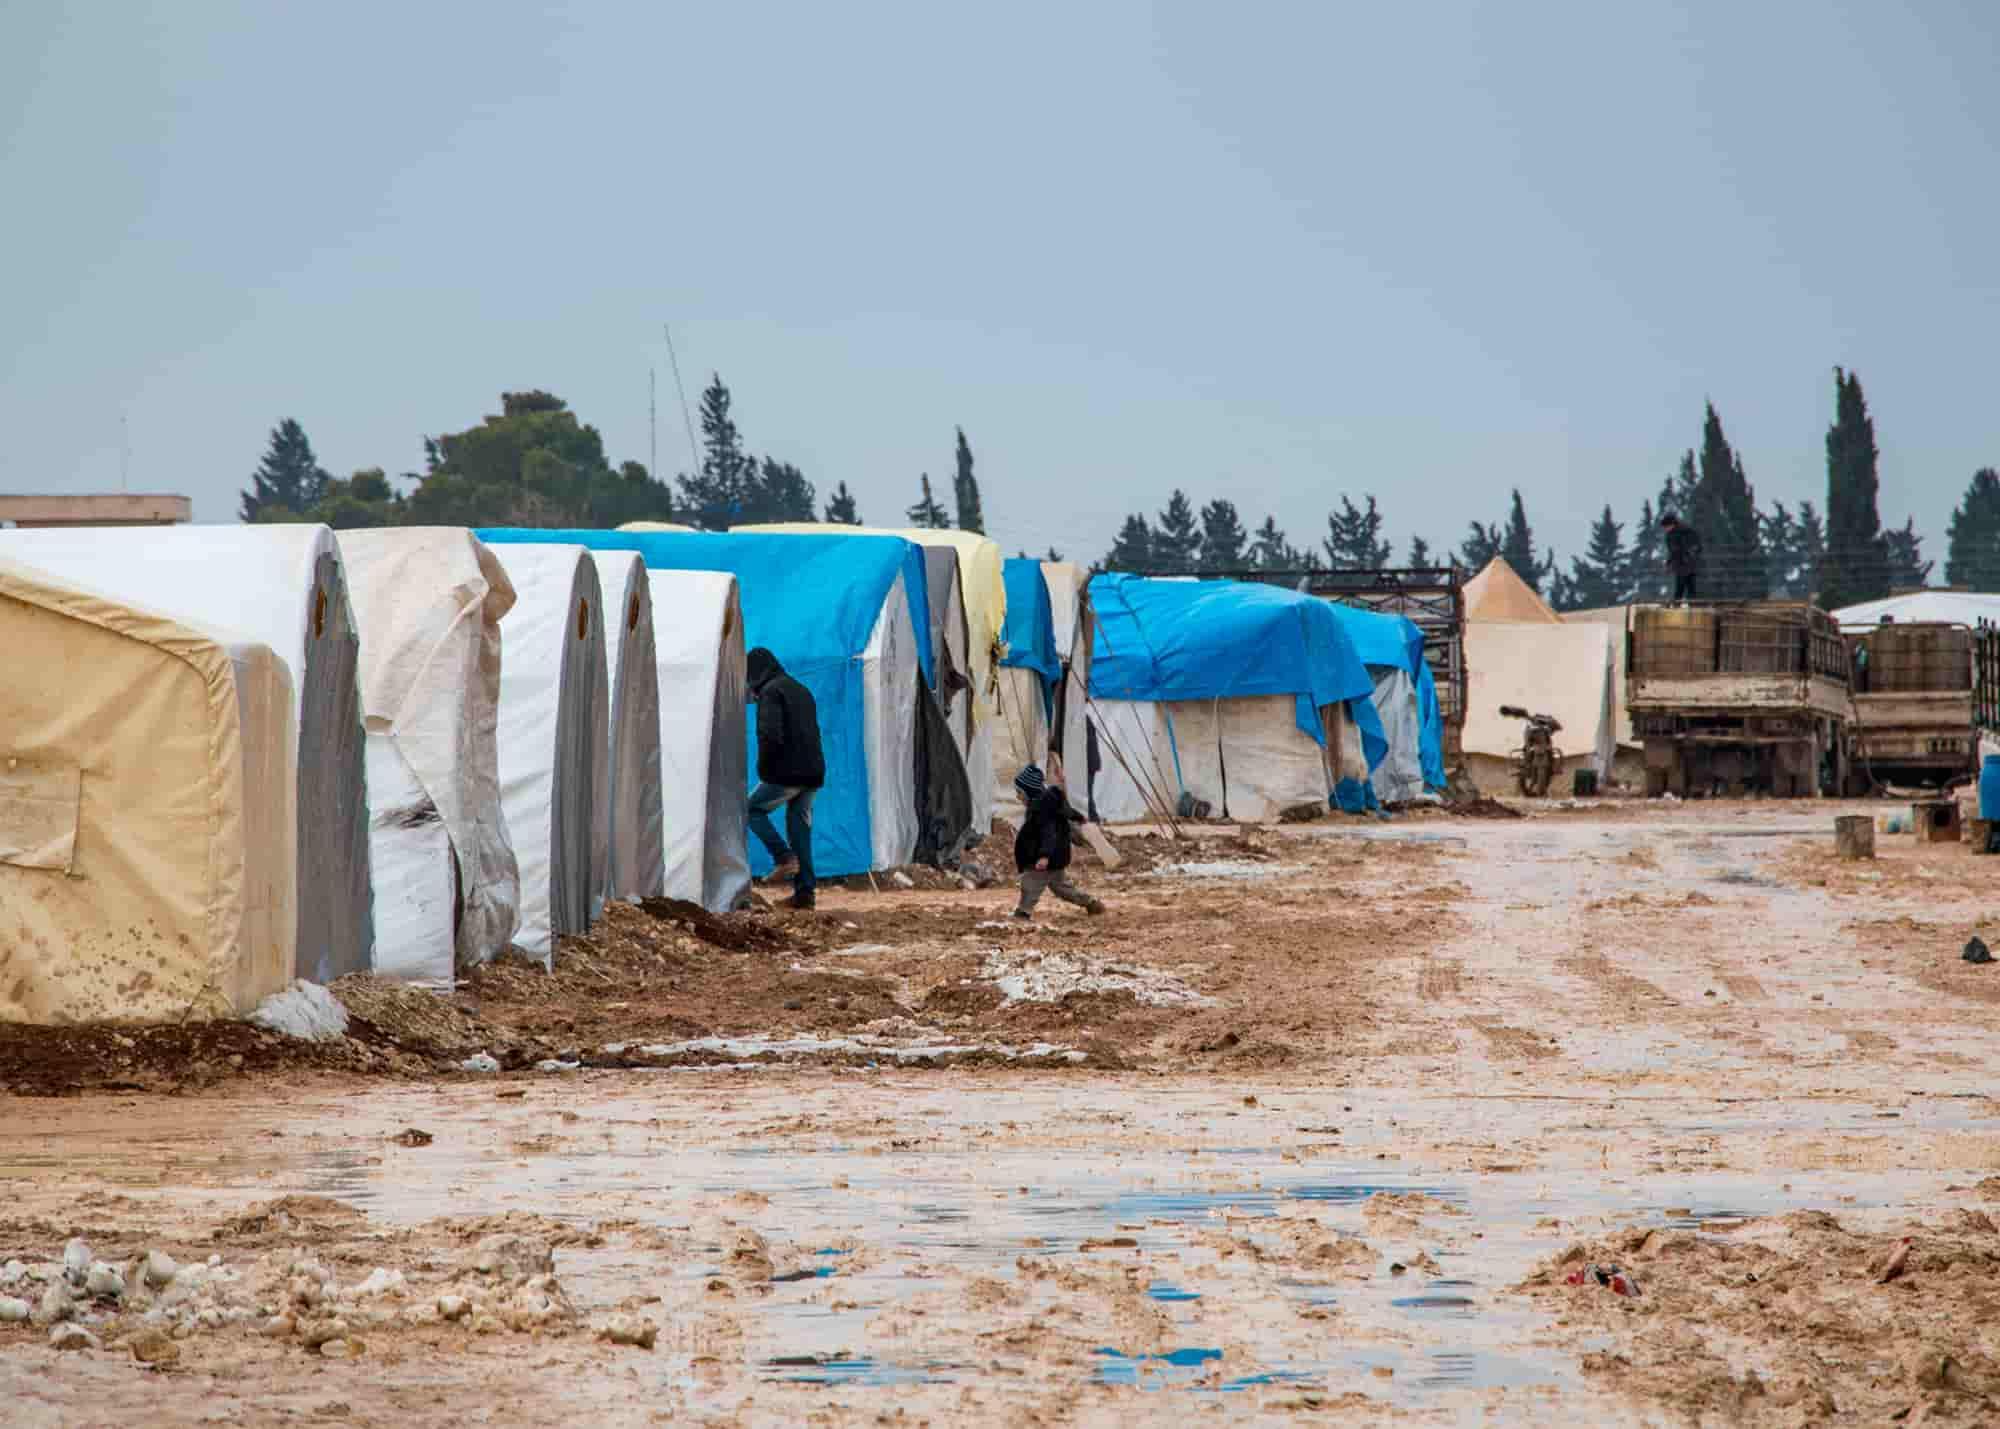 صورة تظهر حجم الألم الذي يعاني منه أكثر من 1 ونصف مليون سوري في مخيمات النزوح شمال سوريا